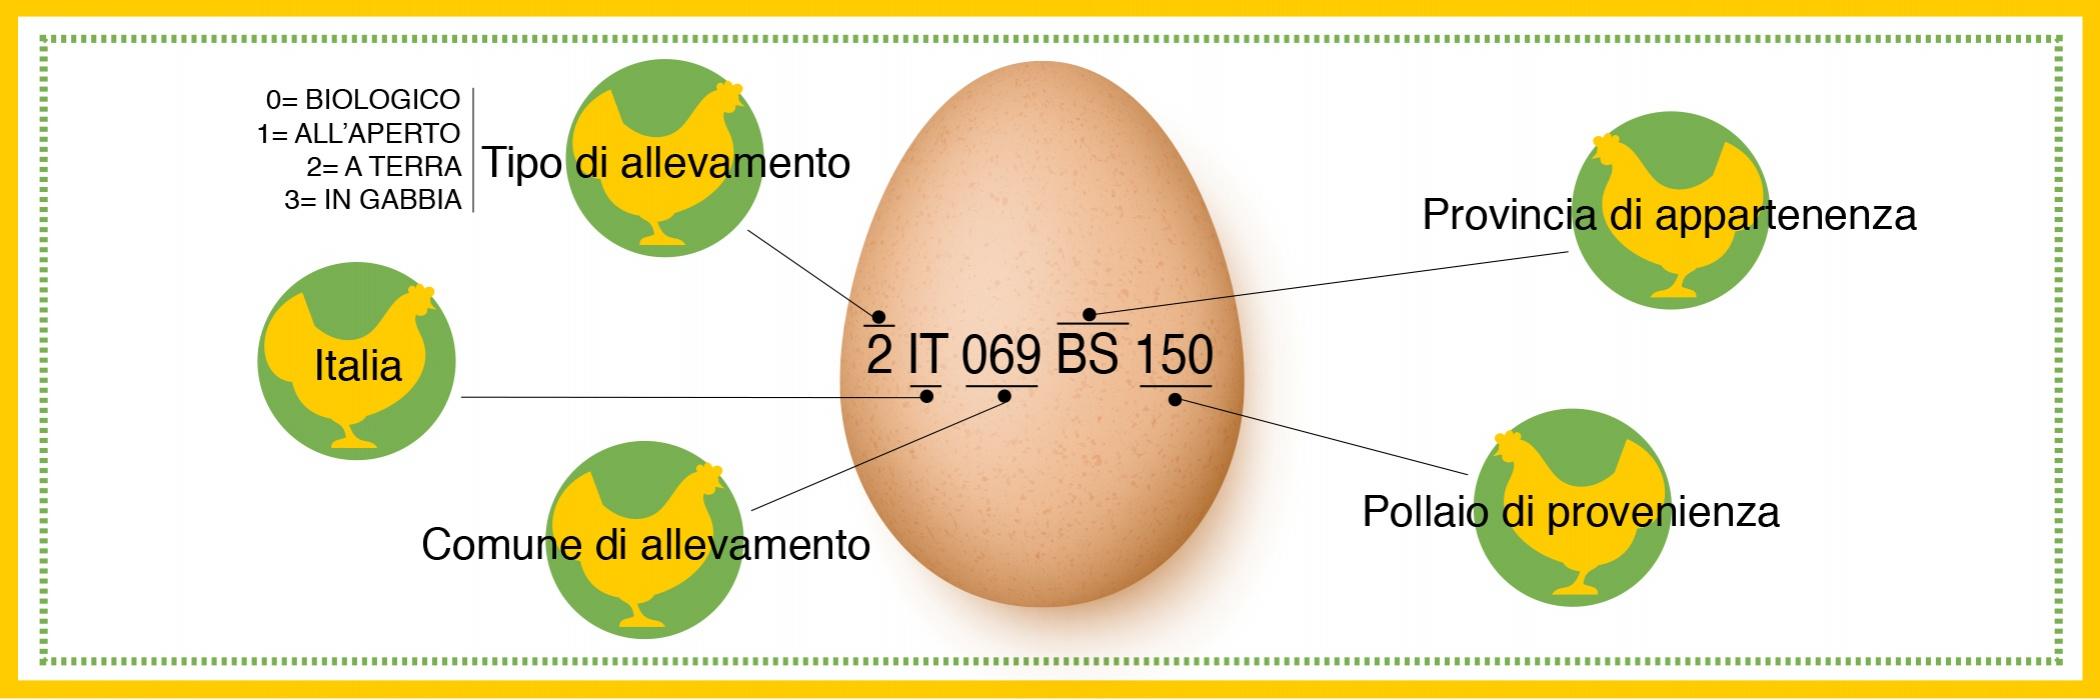 tracciabilità uova